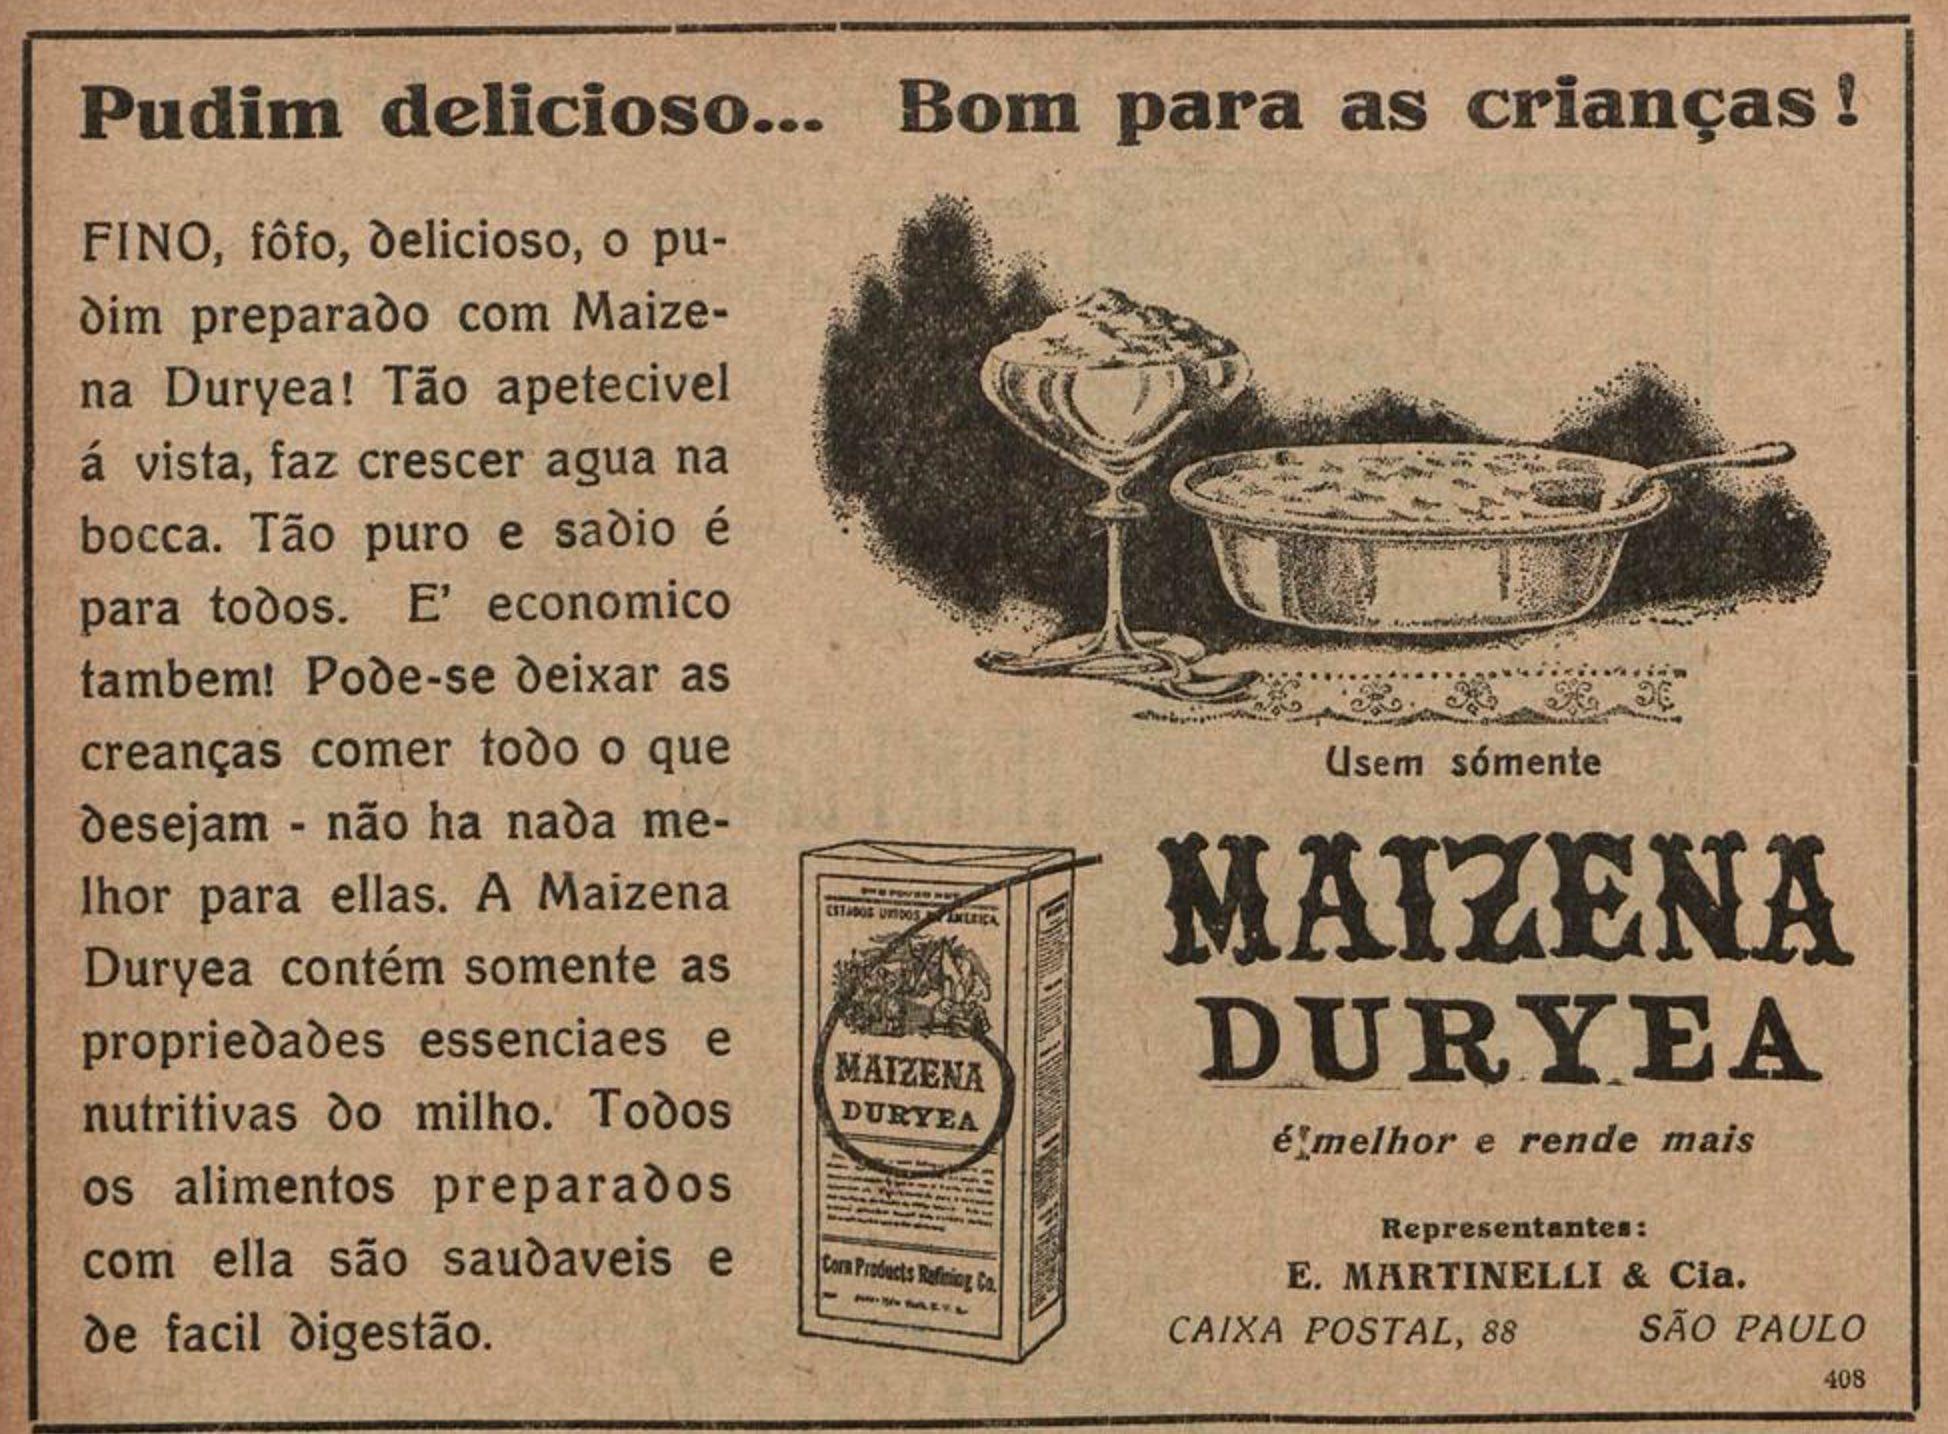 Anúncio veiculado em 1927 promovia a Maizena junto com receita de pudim